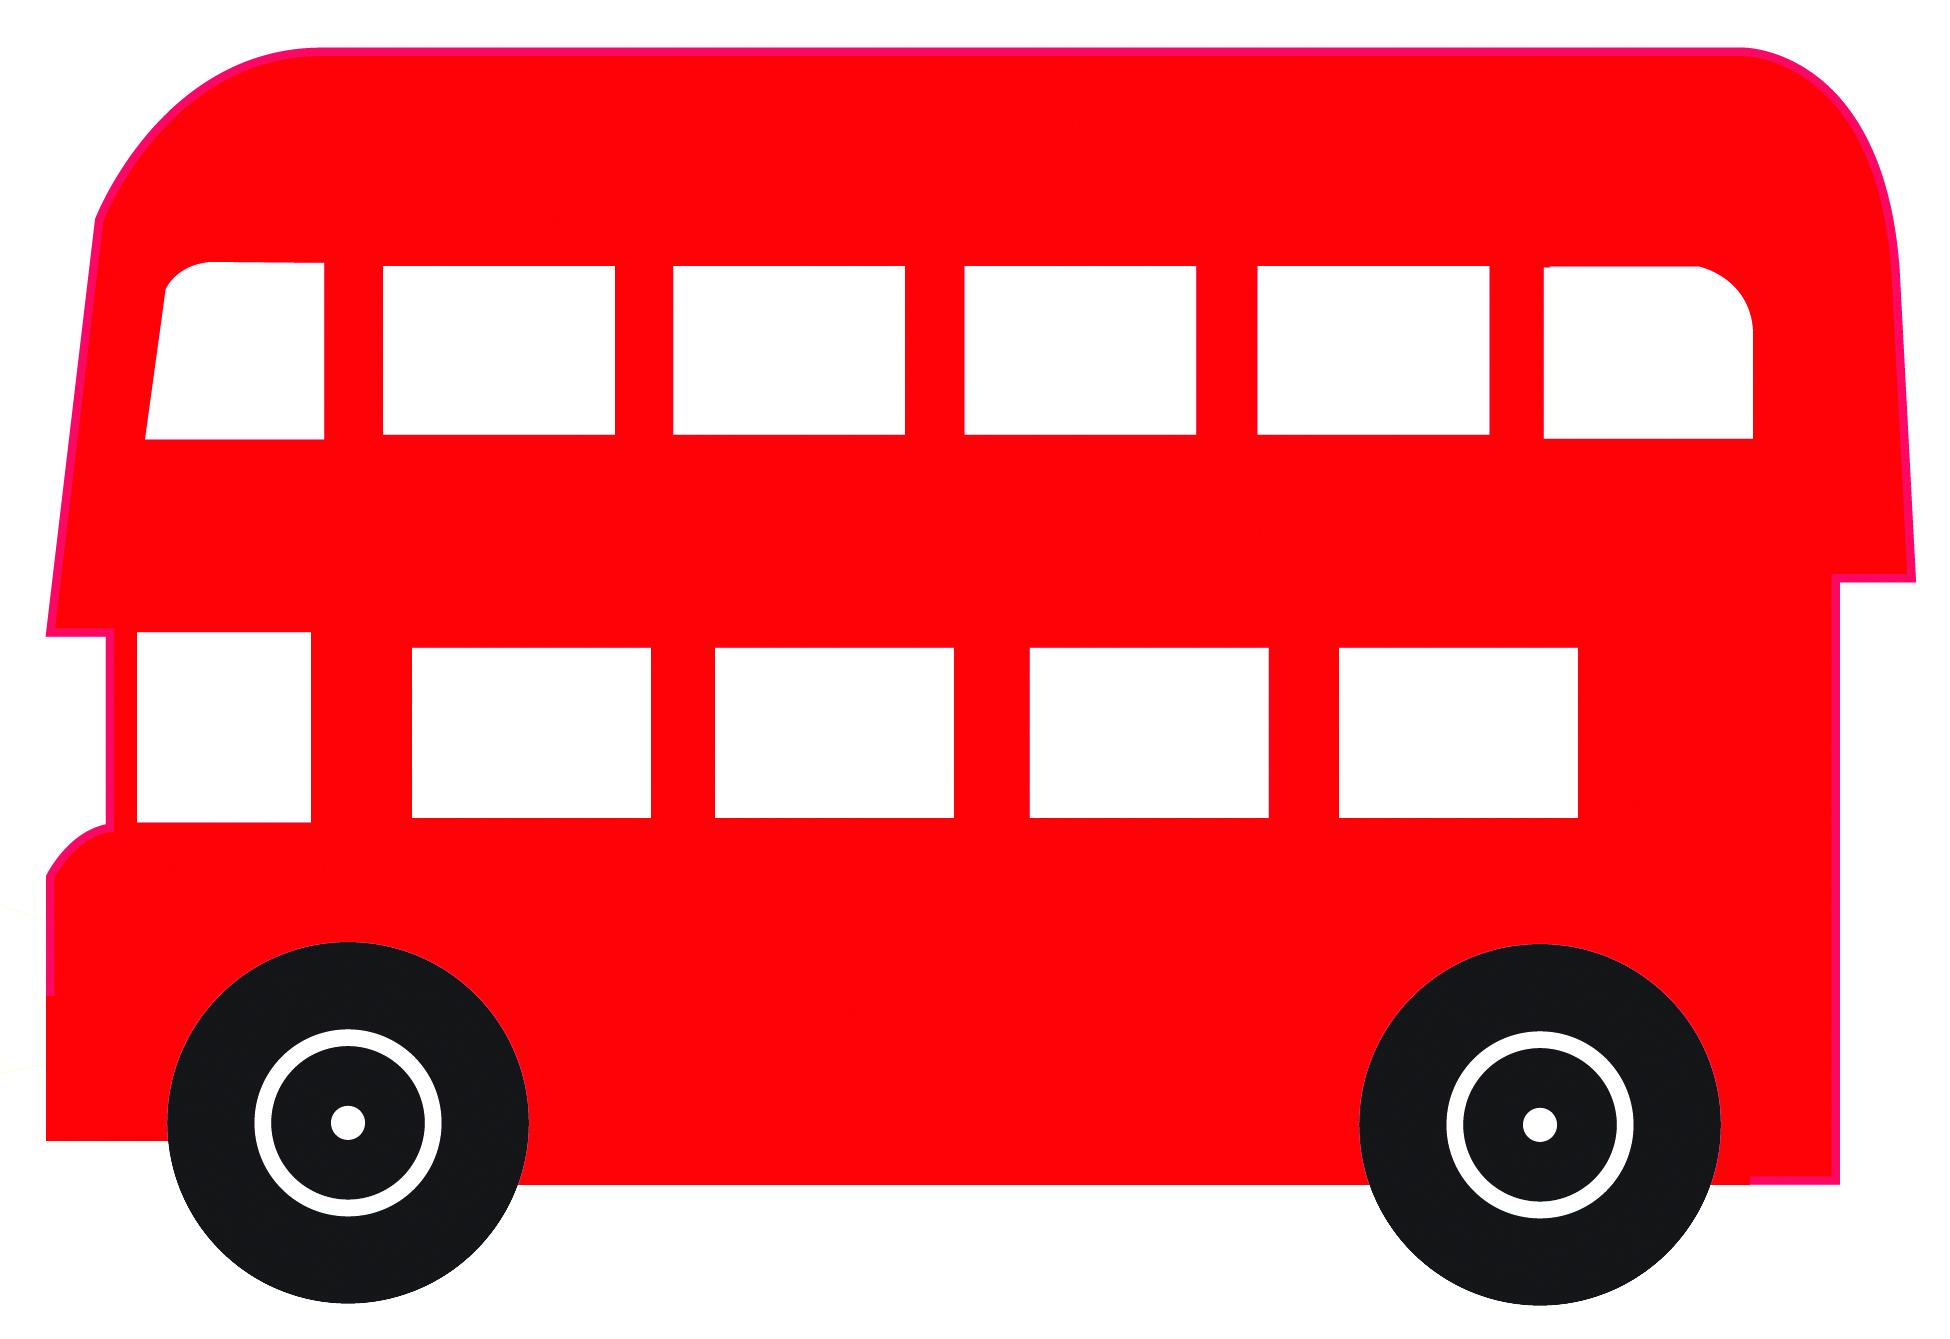 1950x1339 Sensational Bus Clipart Royalty Free Clip Art Image Public